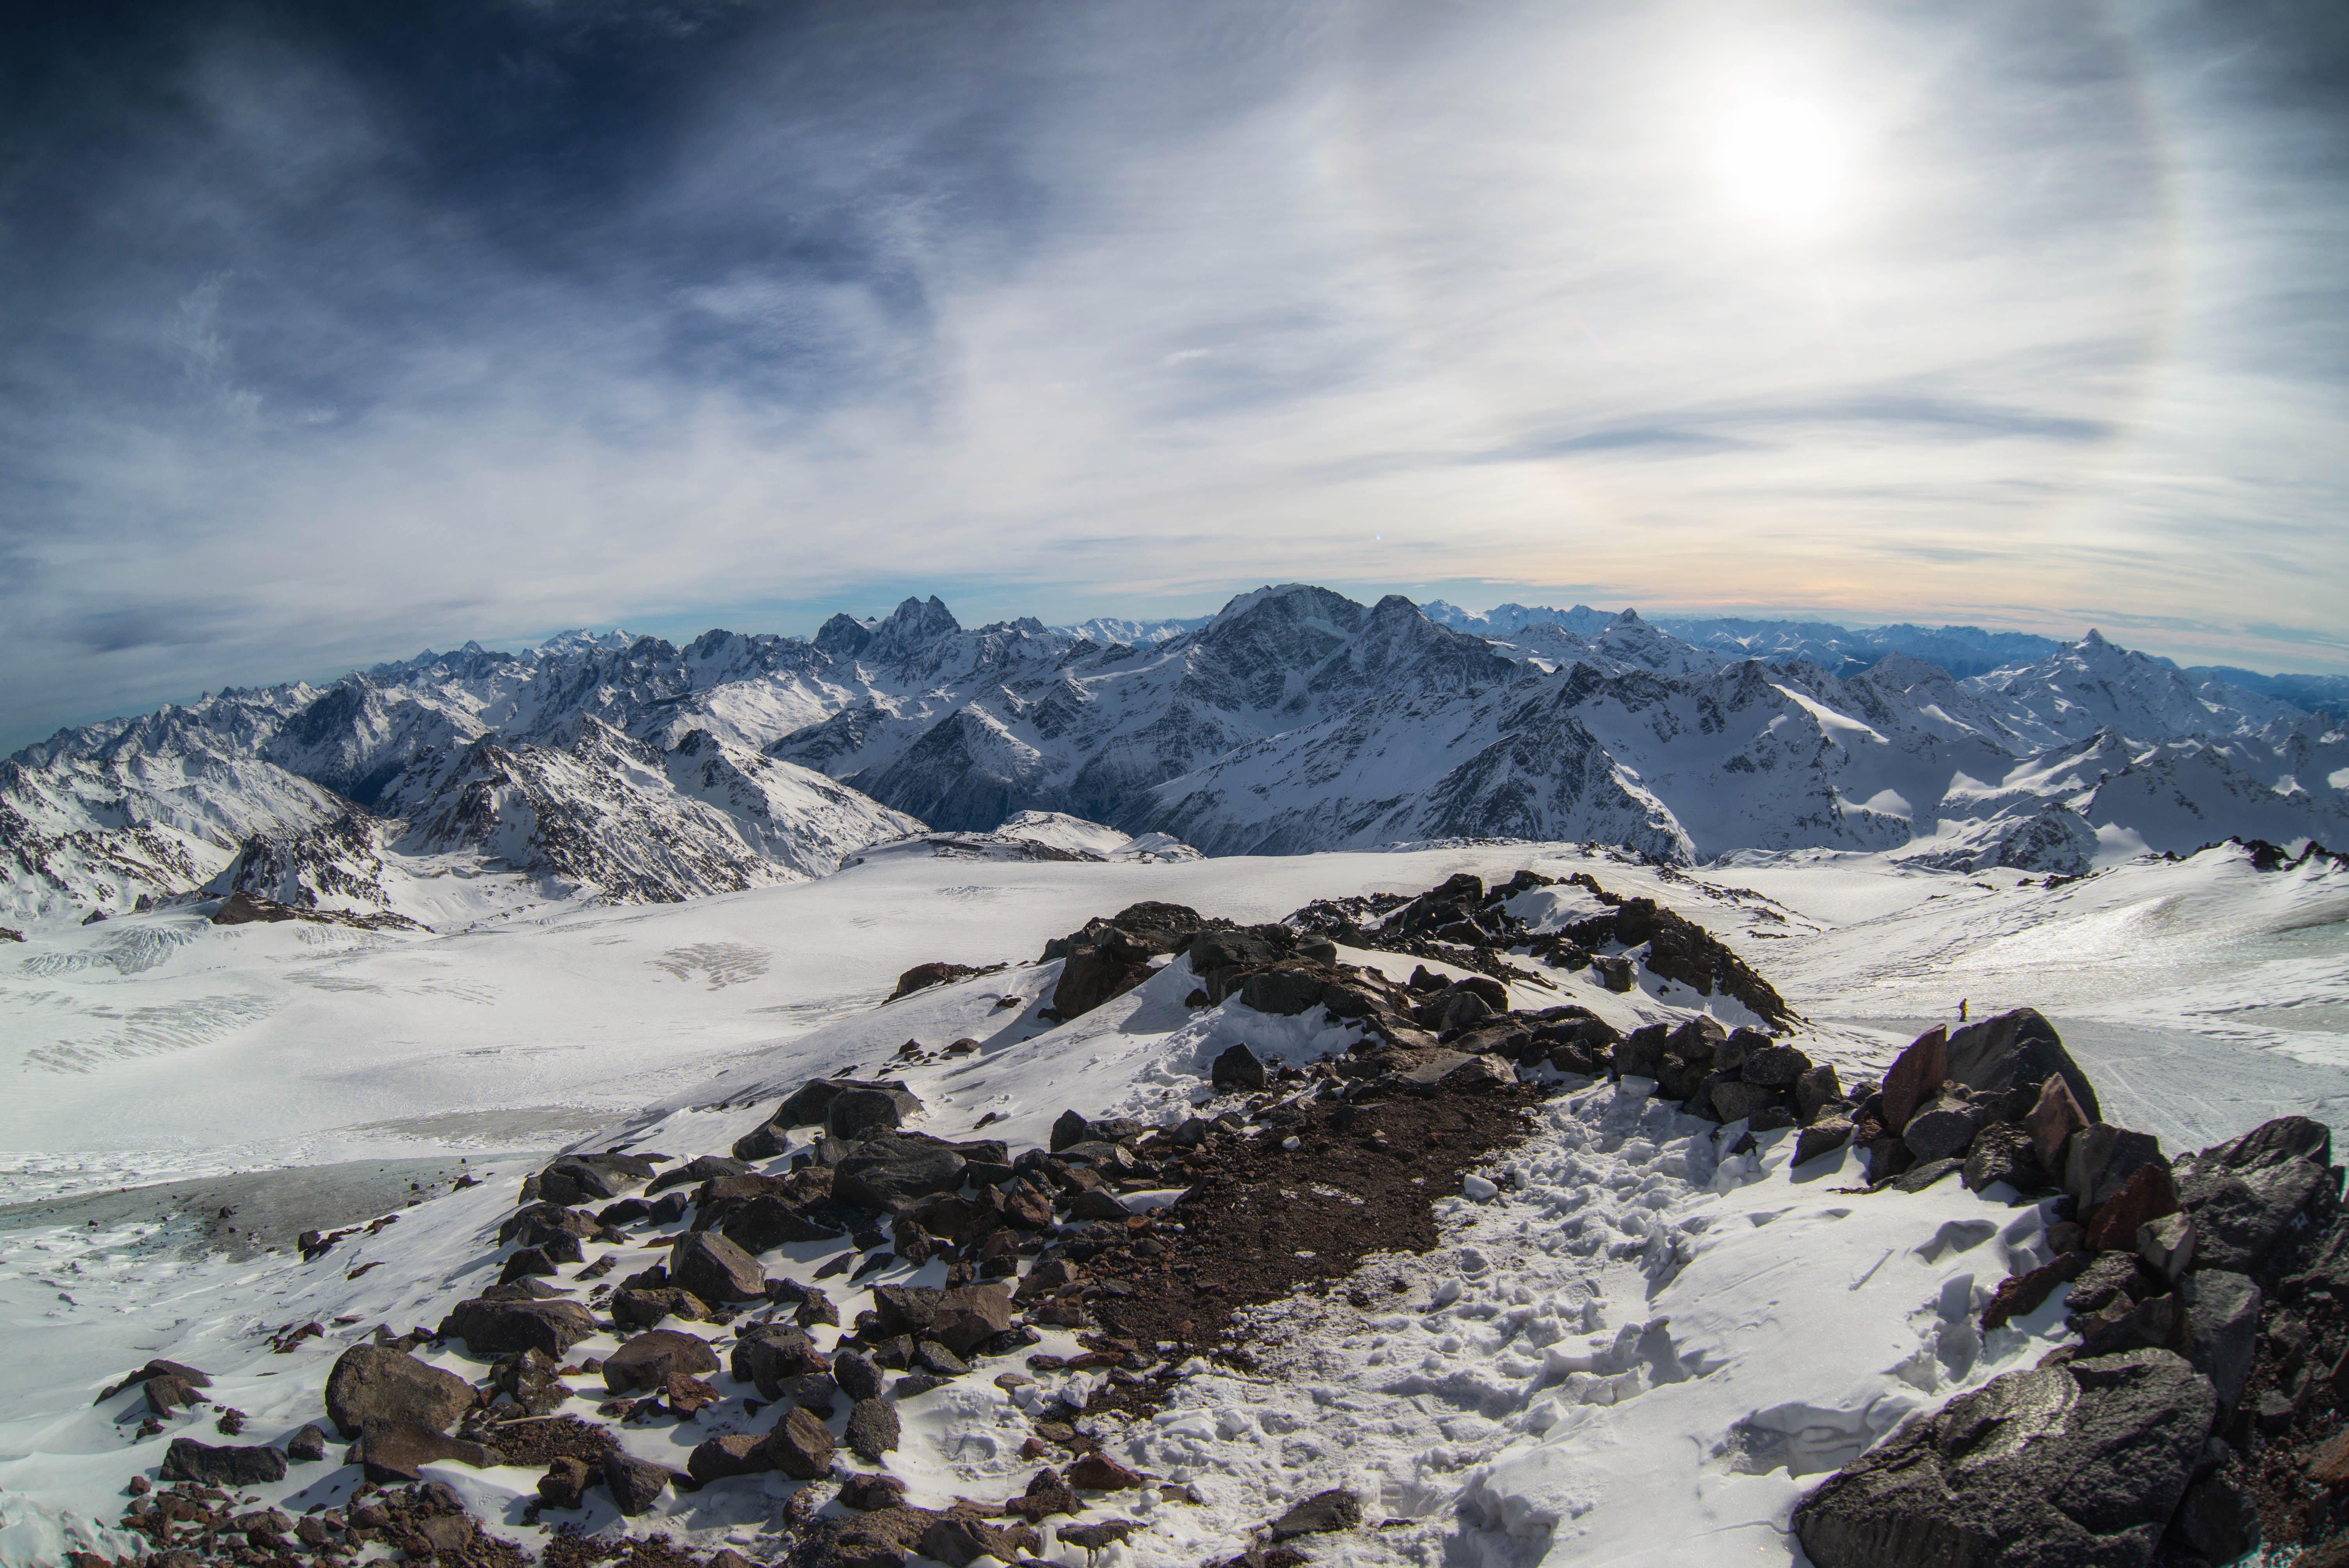 гало солнеце горы  кавказ эльбрус зима природа nature mountains solar halo sun caucasus elbrus, Егор Бугримов